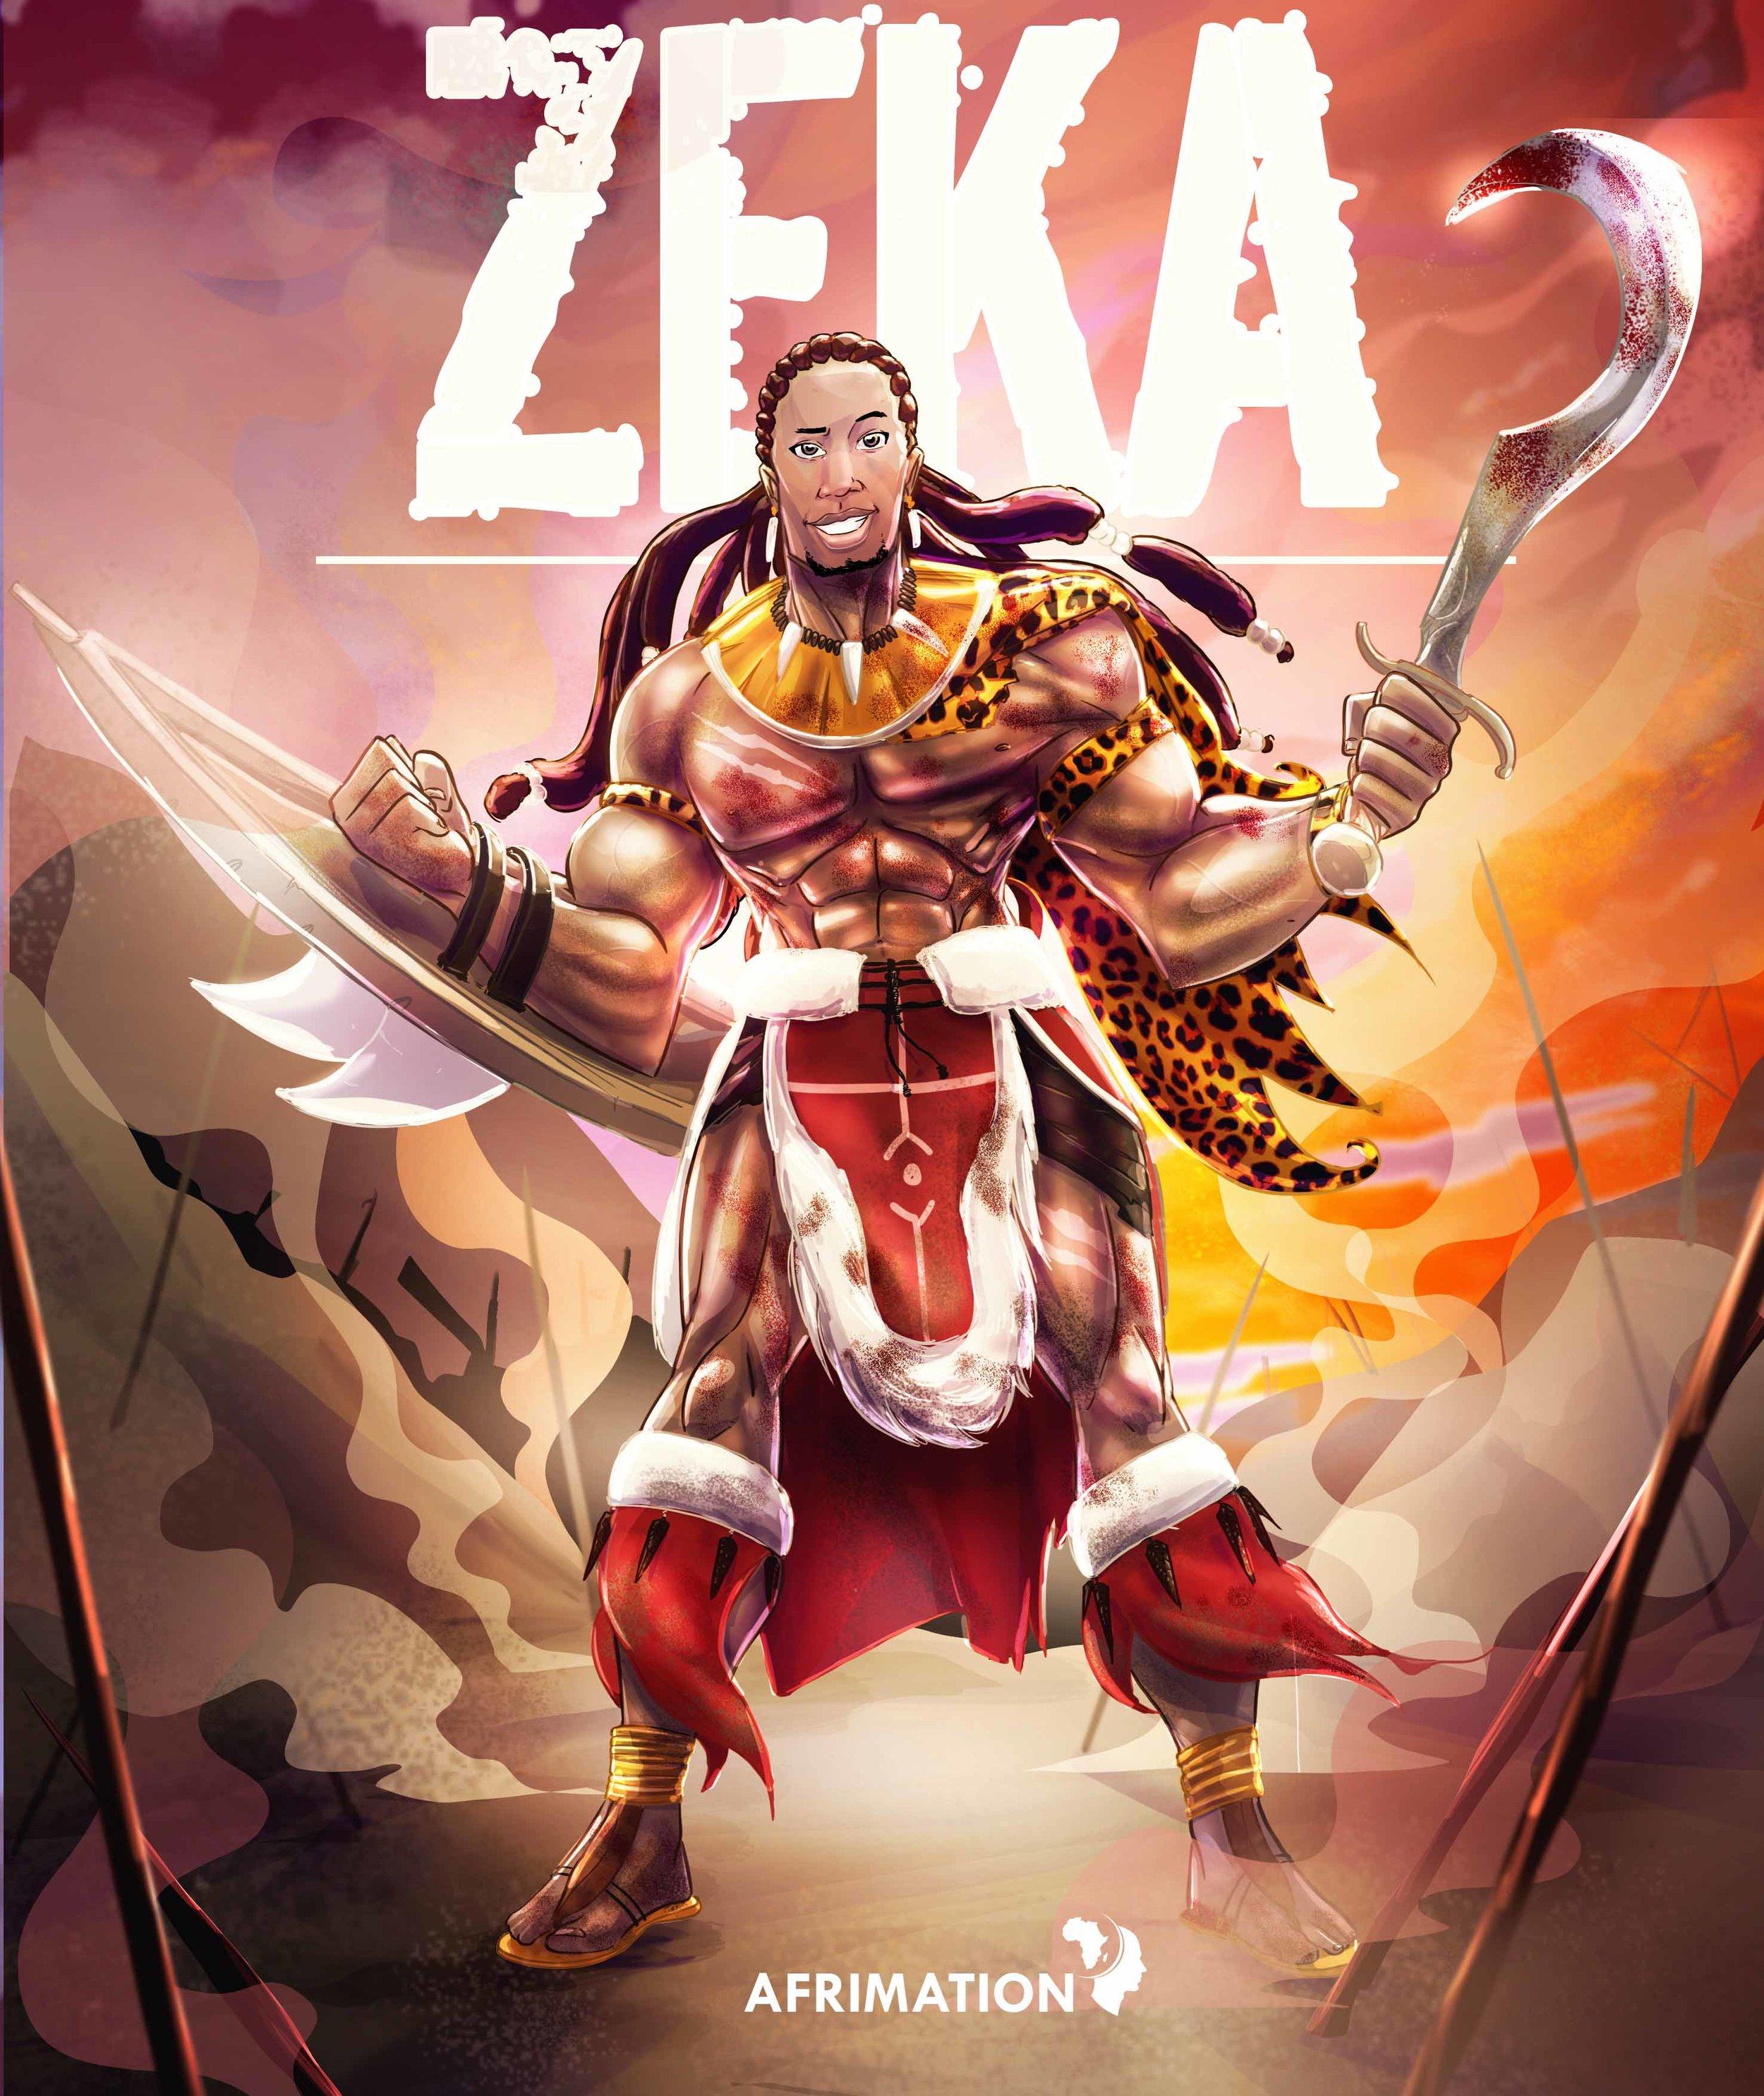 ZEKA2.jpg